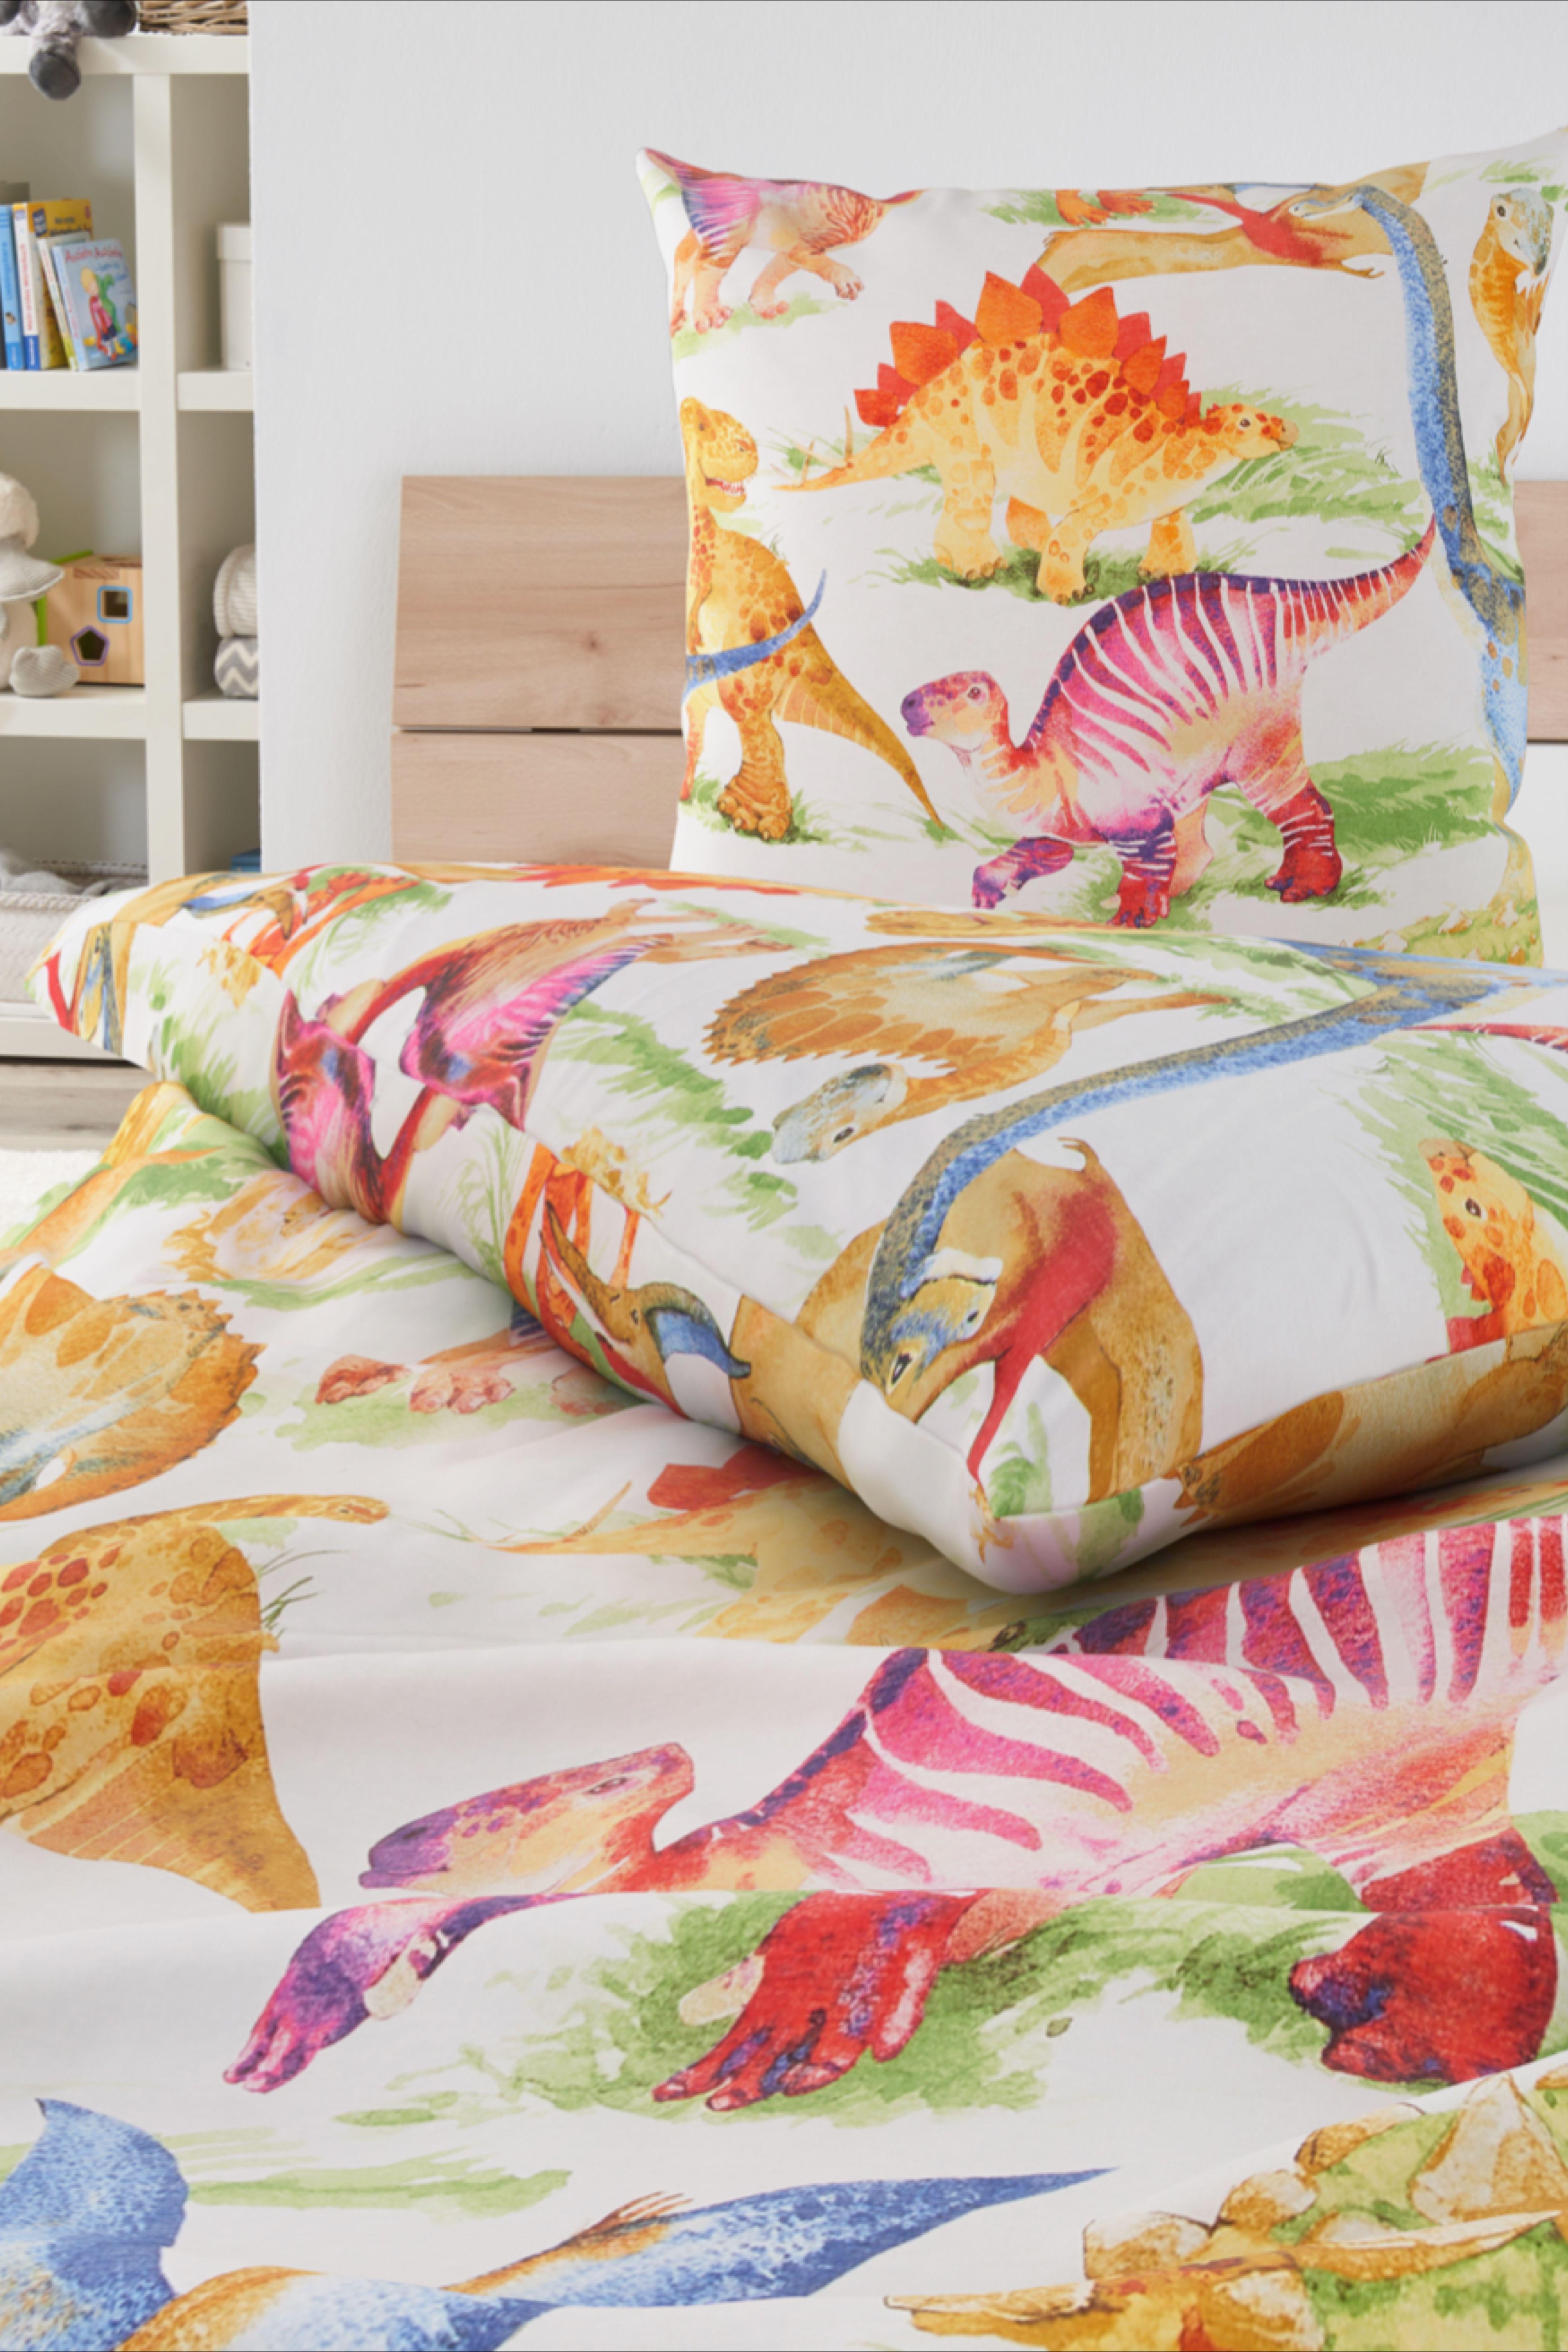 Bettwasche Renforce Multicolor 135 200 Cm Online Kaufen Xxxlutz In 2020 Bettwasche Susse Bettwasche Kinderbettwasche